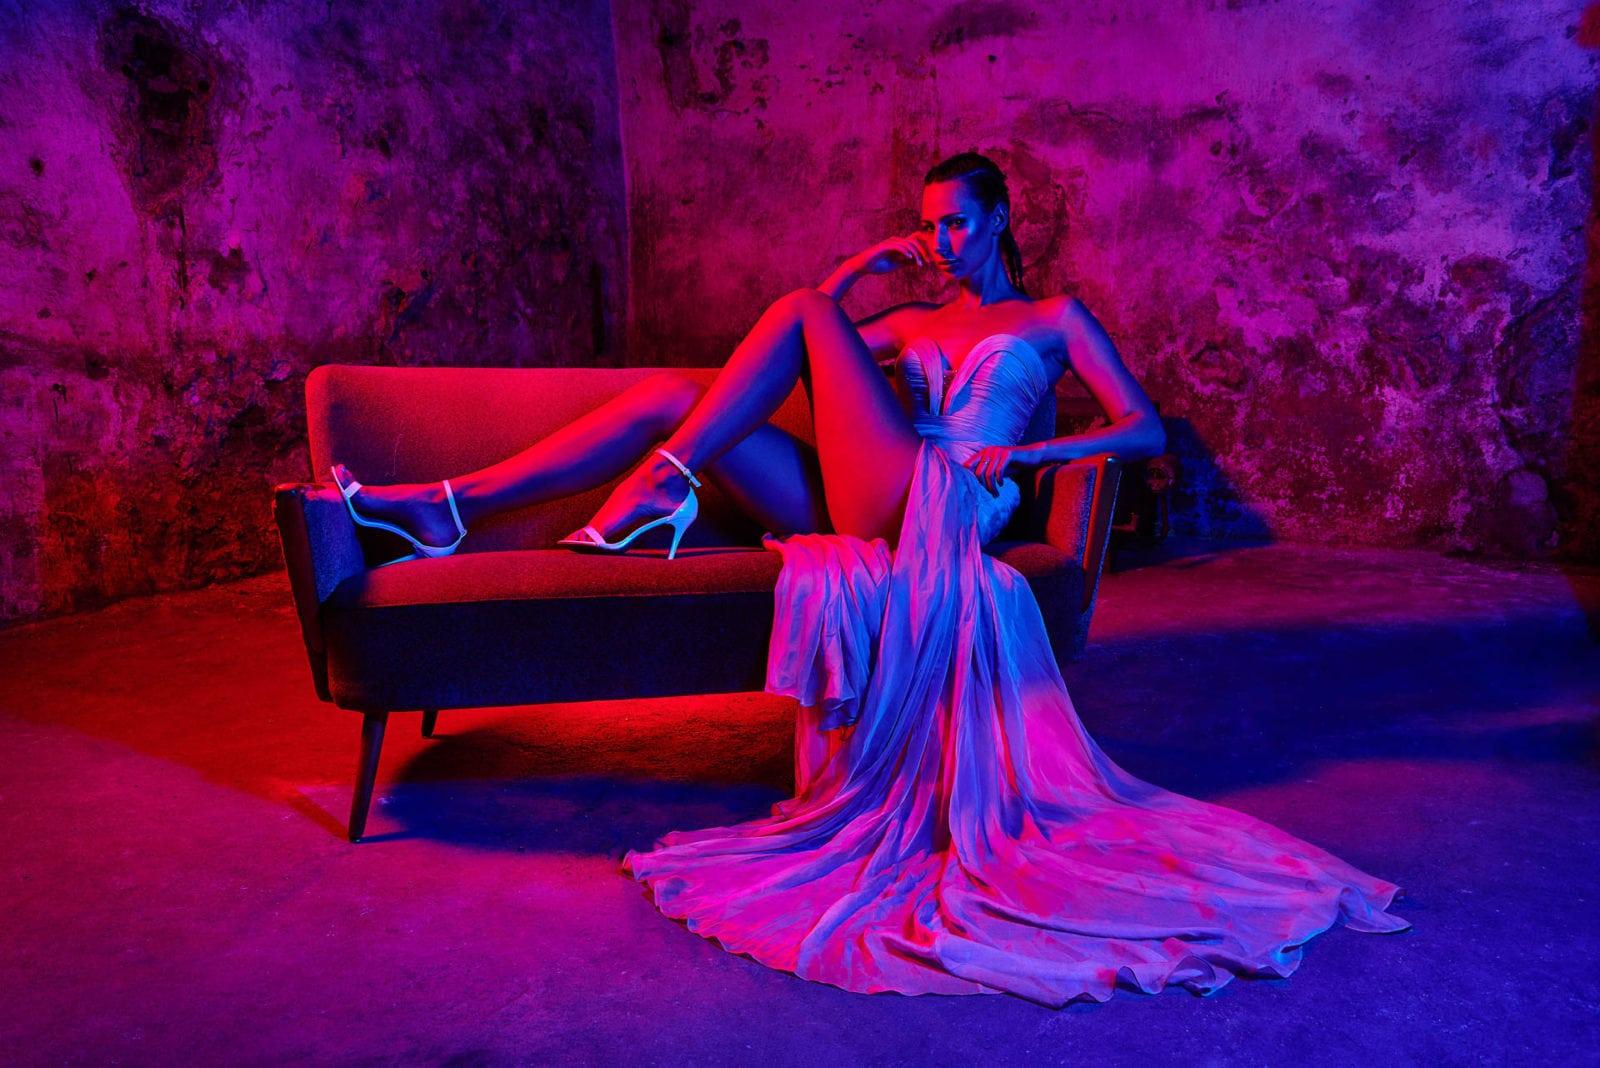 Farbe im Studio Portrait weibliches Model